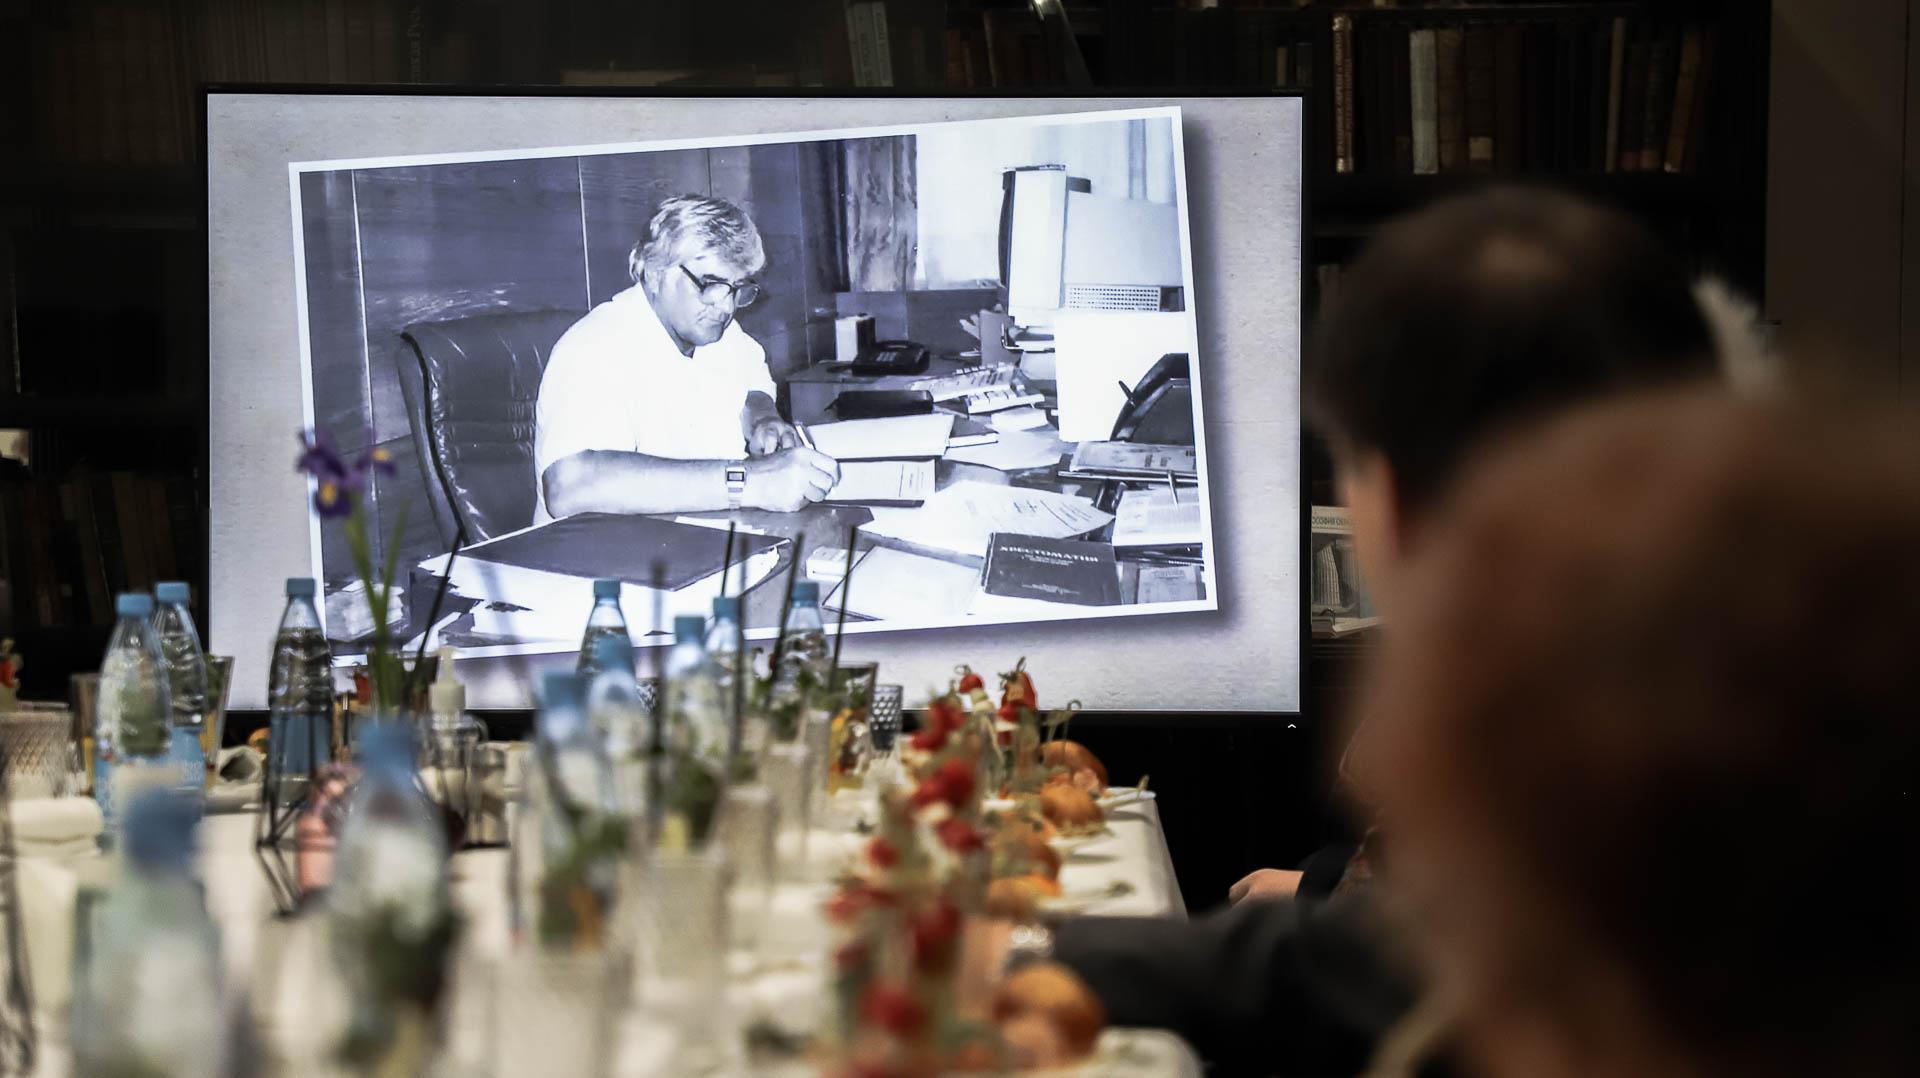 В Мининском университете прошла церемония открытия мемориальной аудитории имени Виктора Андреевича Глуздова